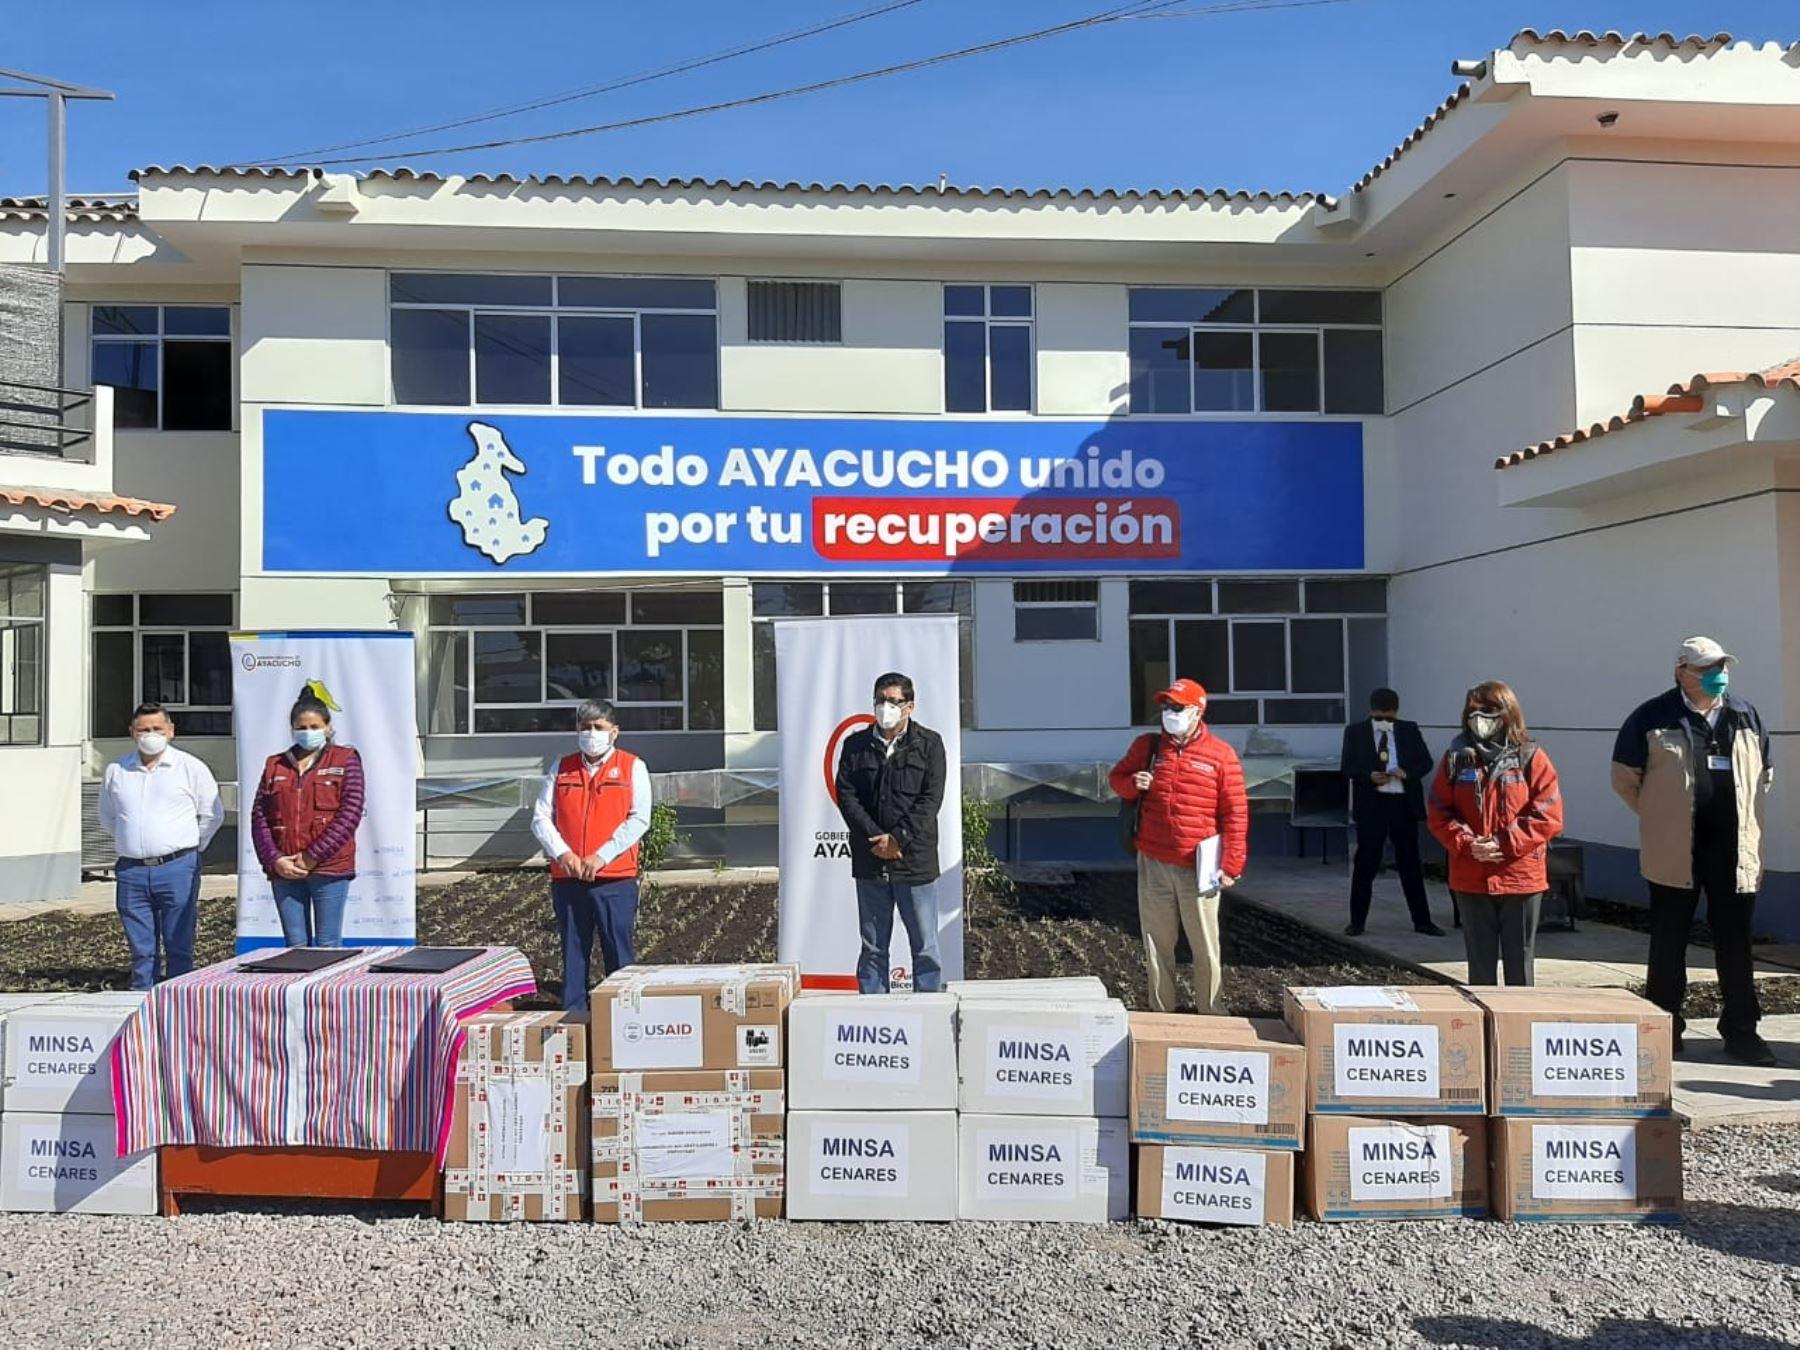 La jefa del Comando de Operaciones COVID-19, Pilar Mazzetti, dio detalles de la ayuda destinada a Ayacucho. Se entregaron medicamentos, pruebas moleculares y ventiladores de transporte donados a través de Estados Unidos, que permitirán desplazar pacientes en zonas alejadas. Foto: ANDINA/Minsa